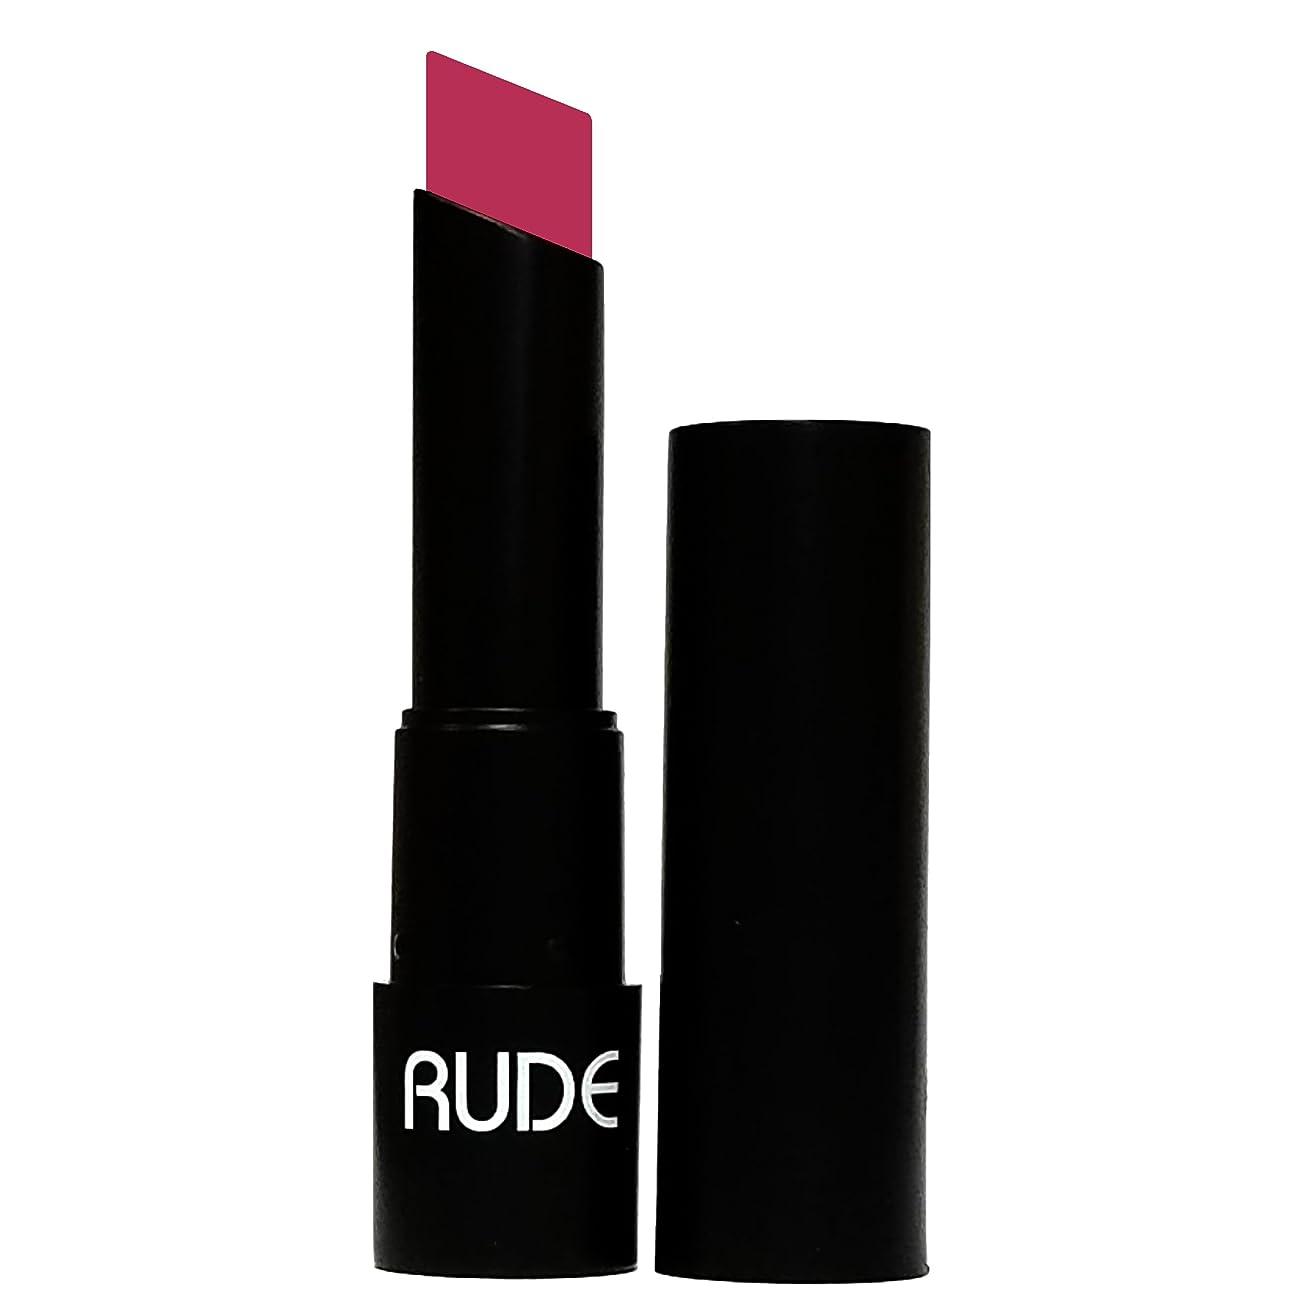 すみません品種注目すべき(6 Pack) RUDE Attitude Matte Lipstick - Cocky (並行輸入品)